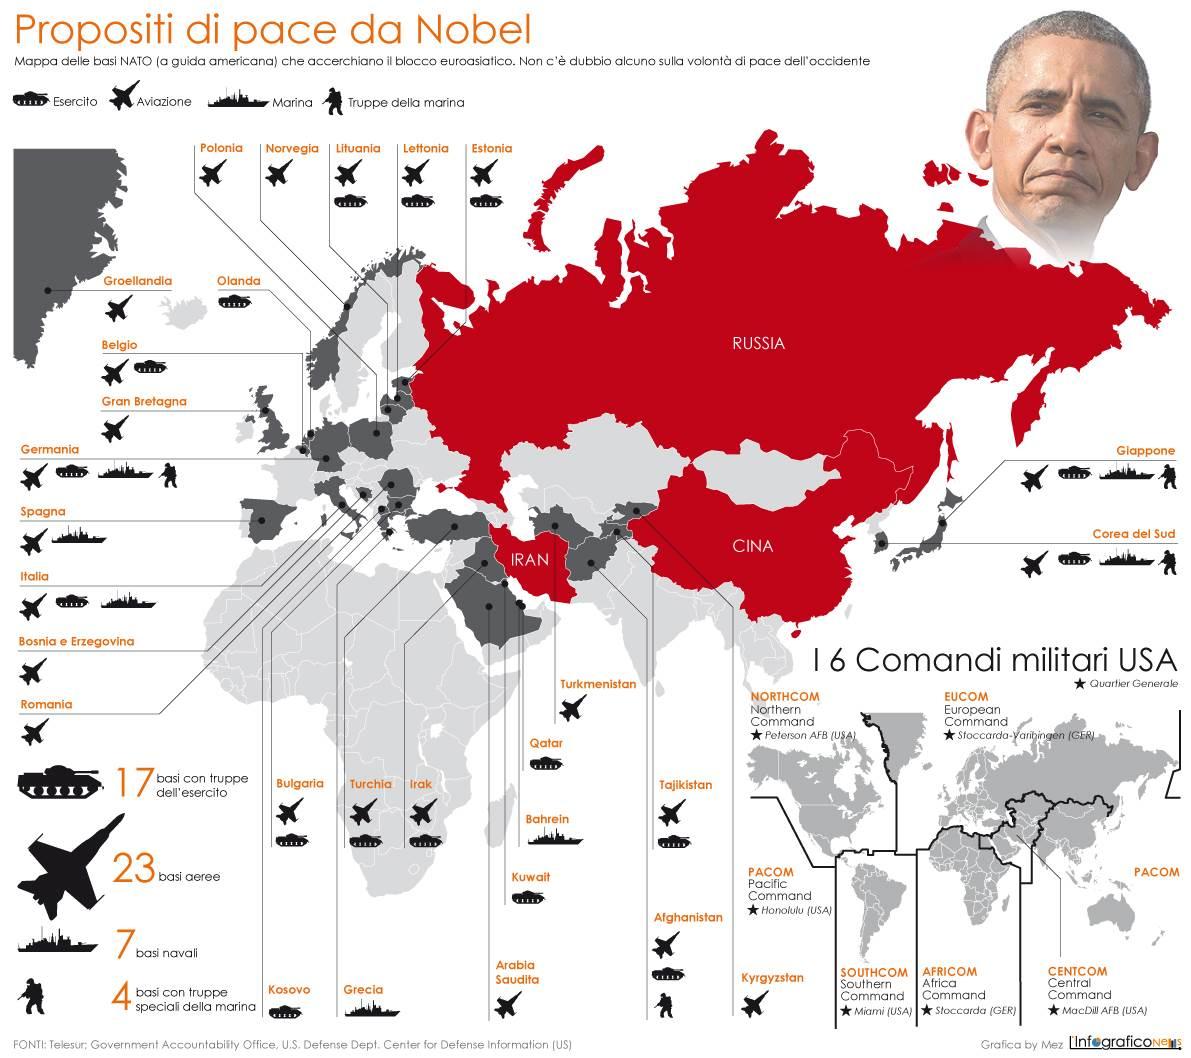 accerchiamento-NATO